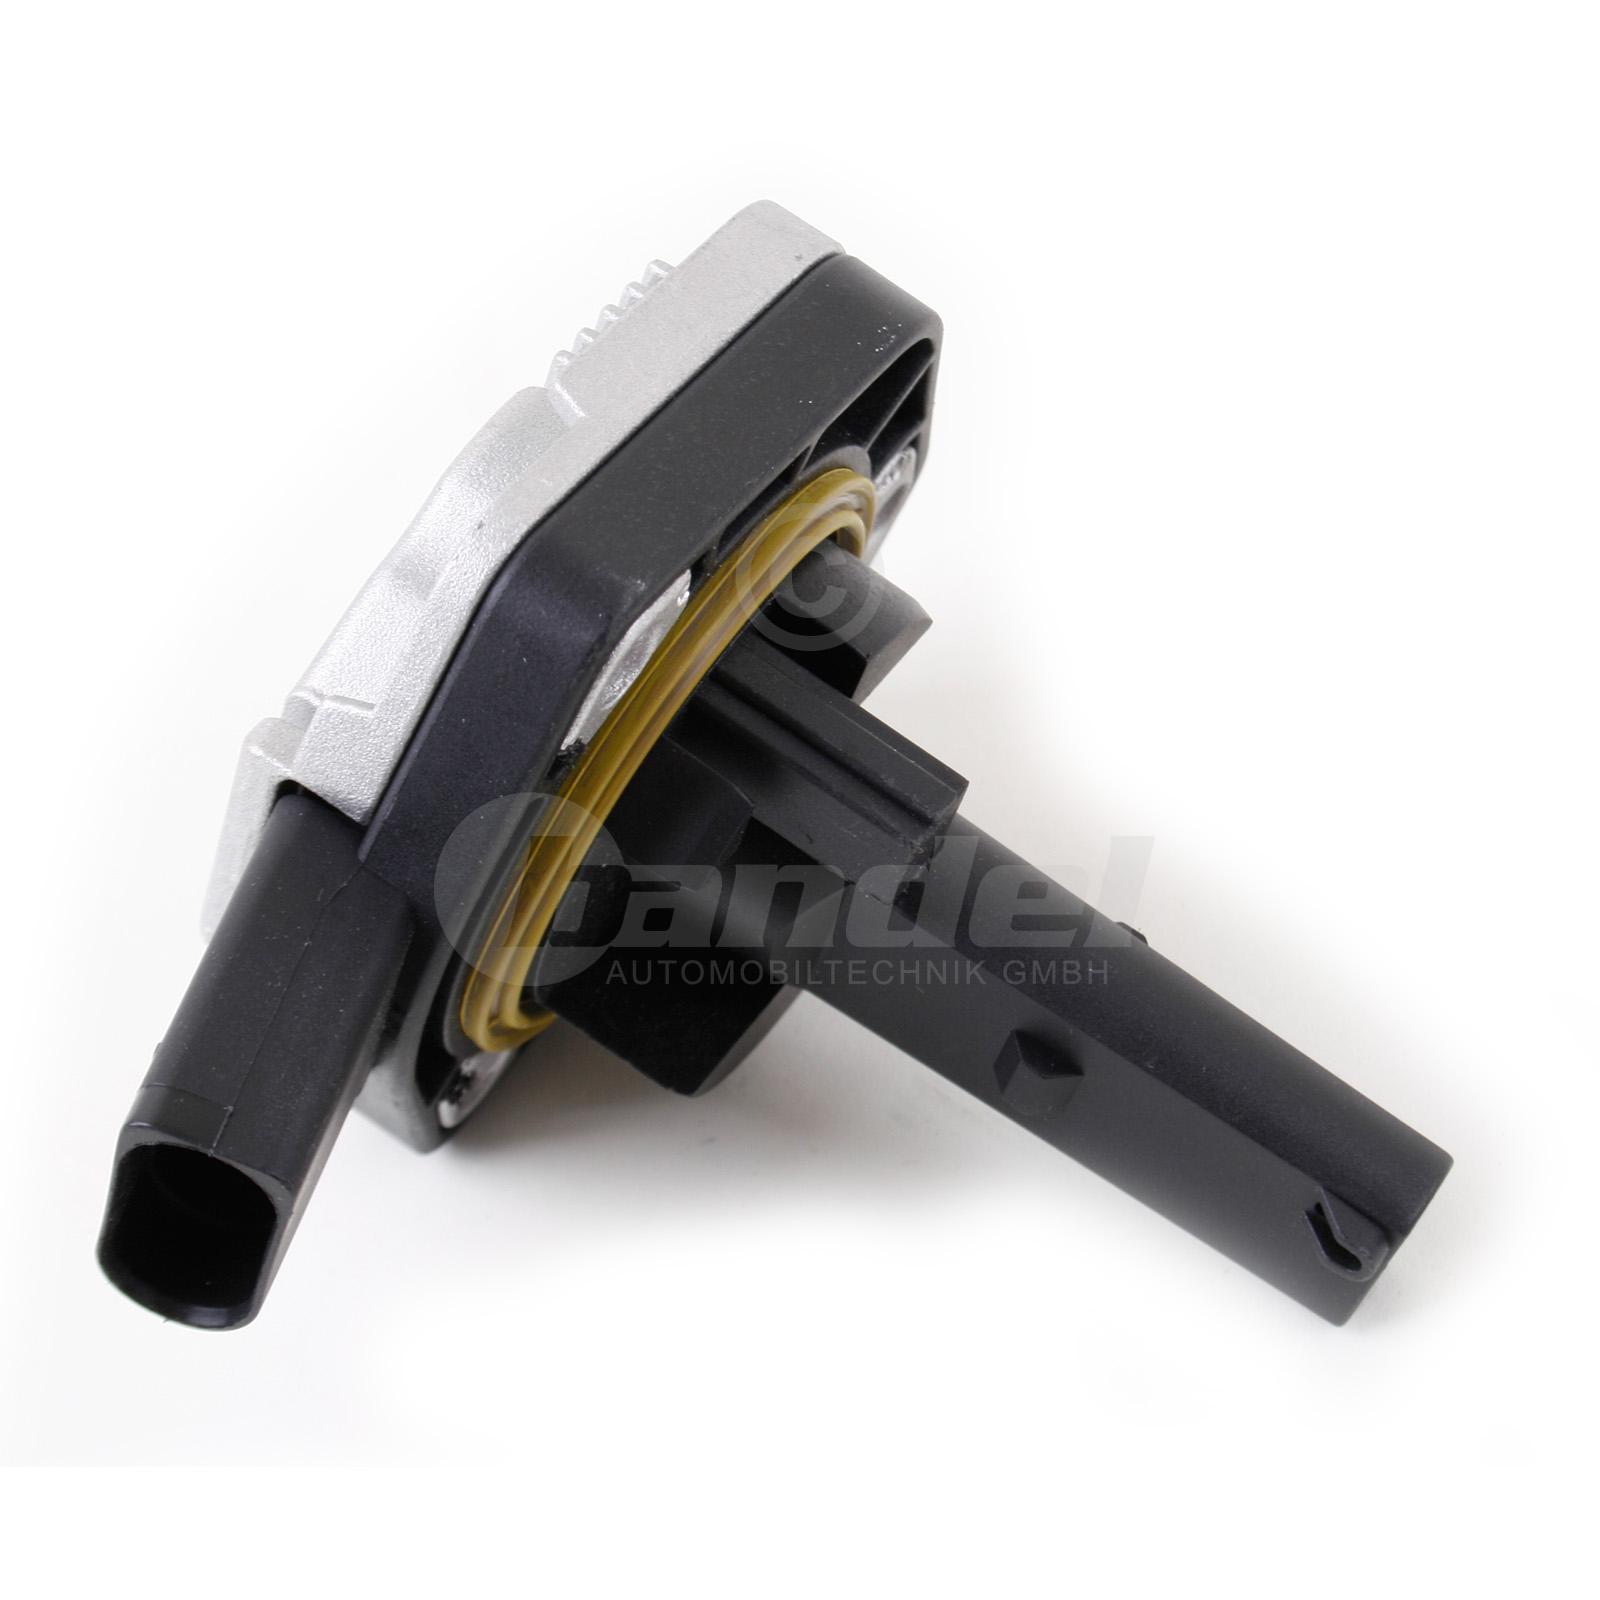 lstandsensor sensor geber motor l motor lstand audi a2 a3 a4. Black Bedroom Furniture Sets. Home Design Ideas